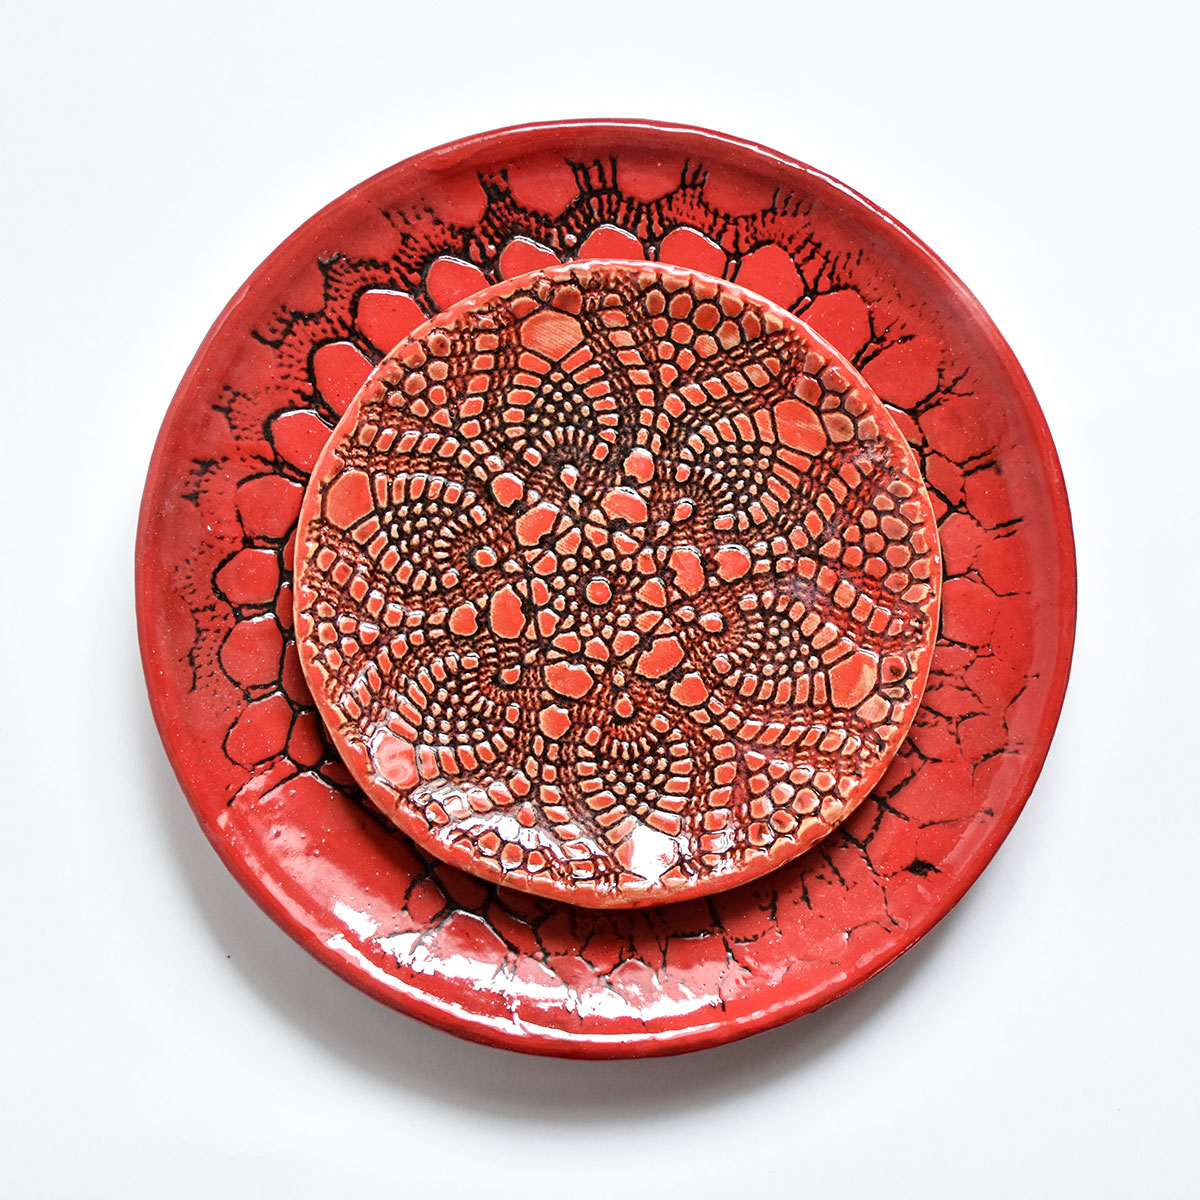 """картинка Кружевное блюдце ручной работы """"Огонь"""" 2 - DishWishes.Ru"""